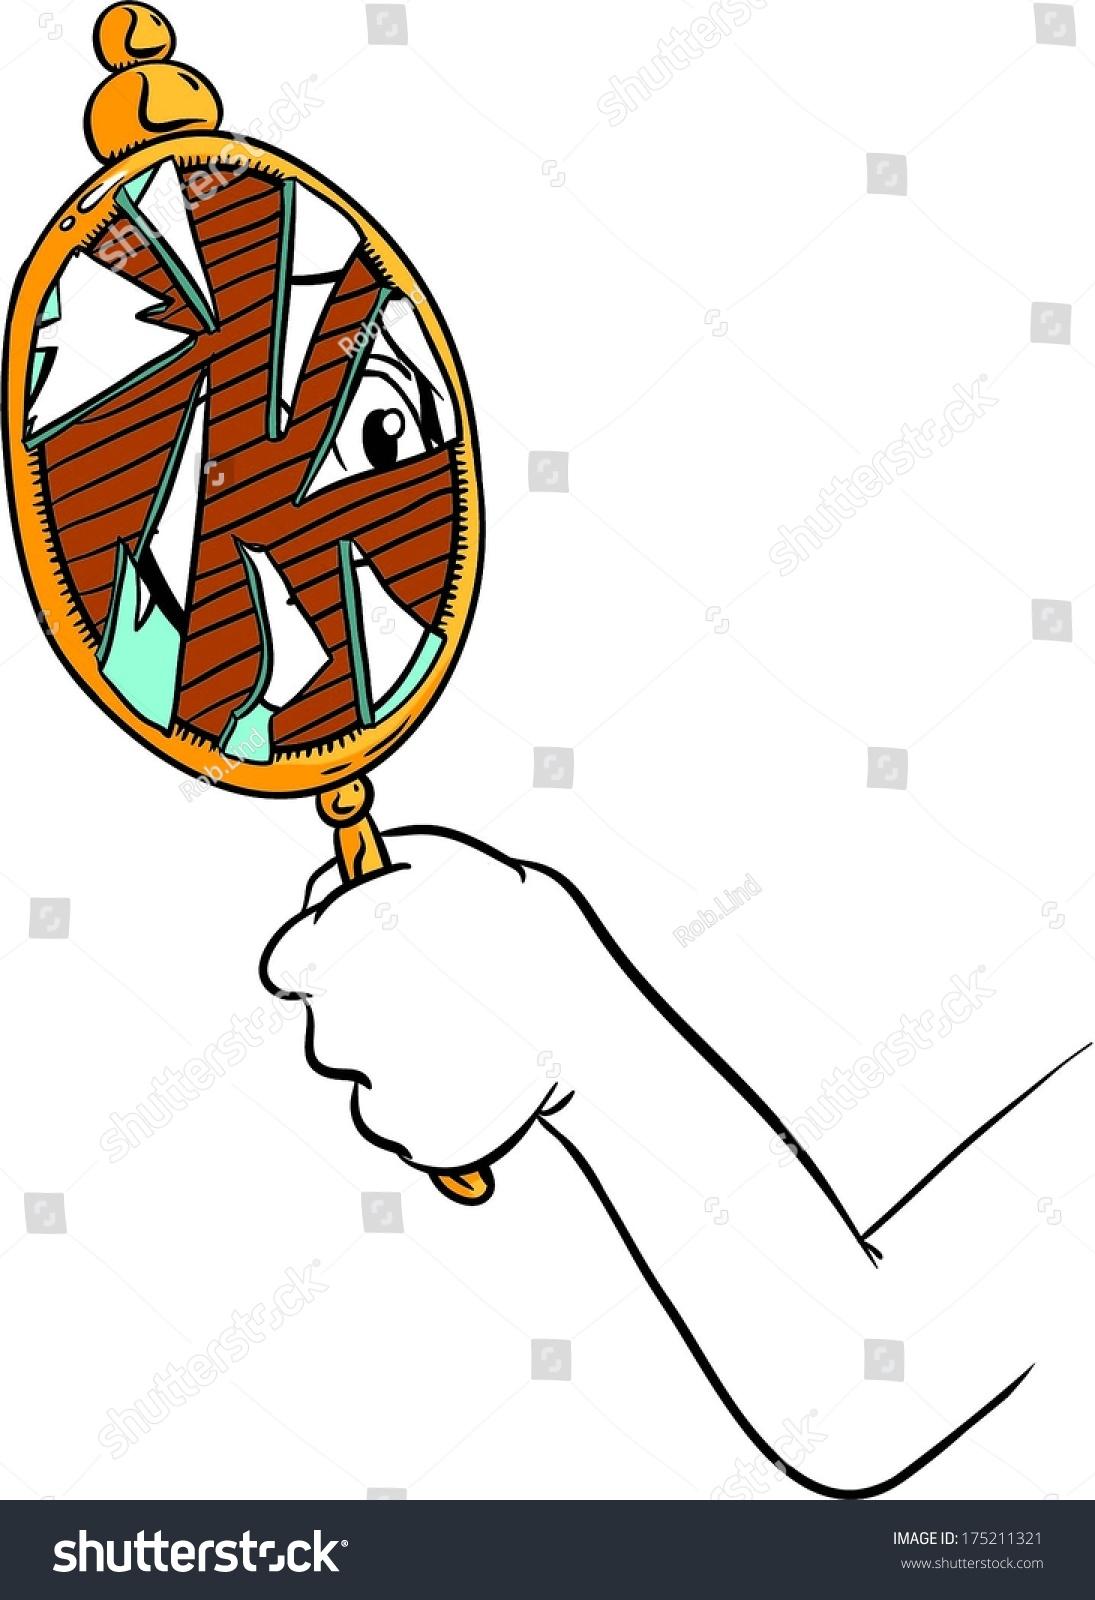 Cartoon Hand Holding Broken Mirror Shattered Stock Photo Photo Rh  Shutterstock Com Oval Mirror Clip Art Clip Art Car Mirror